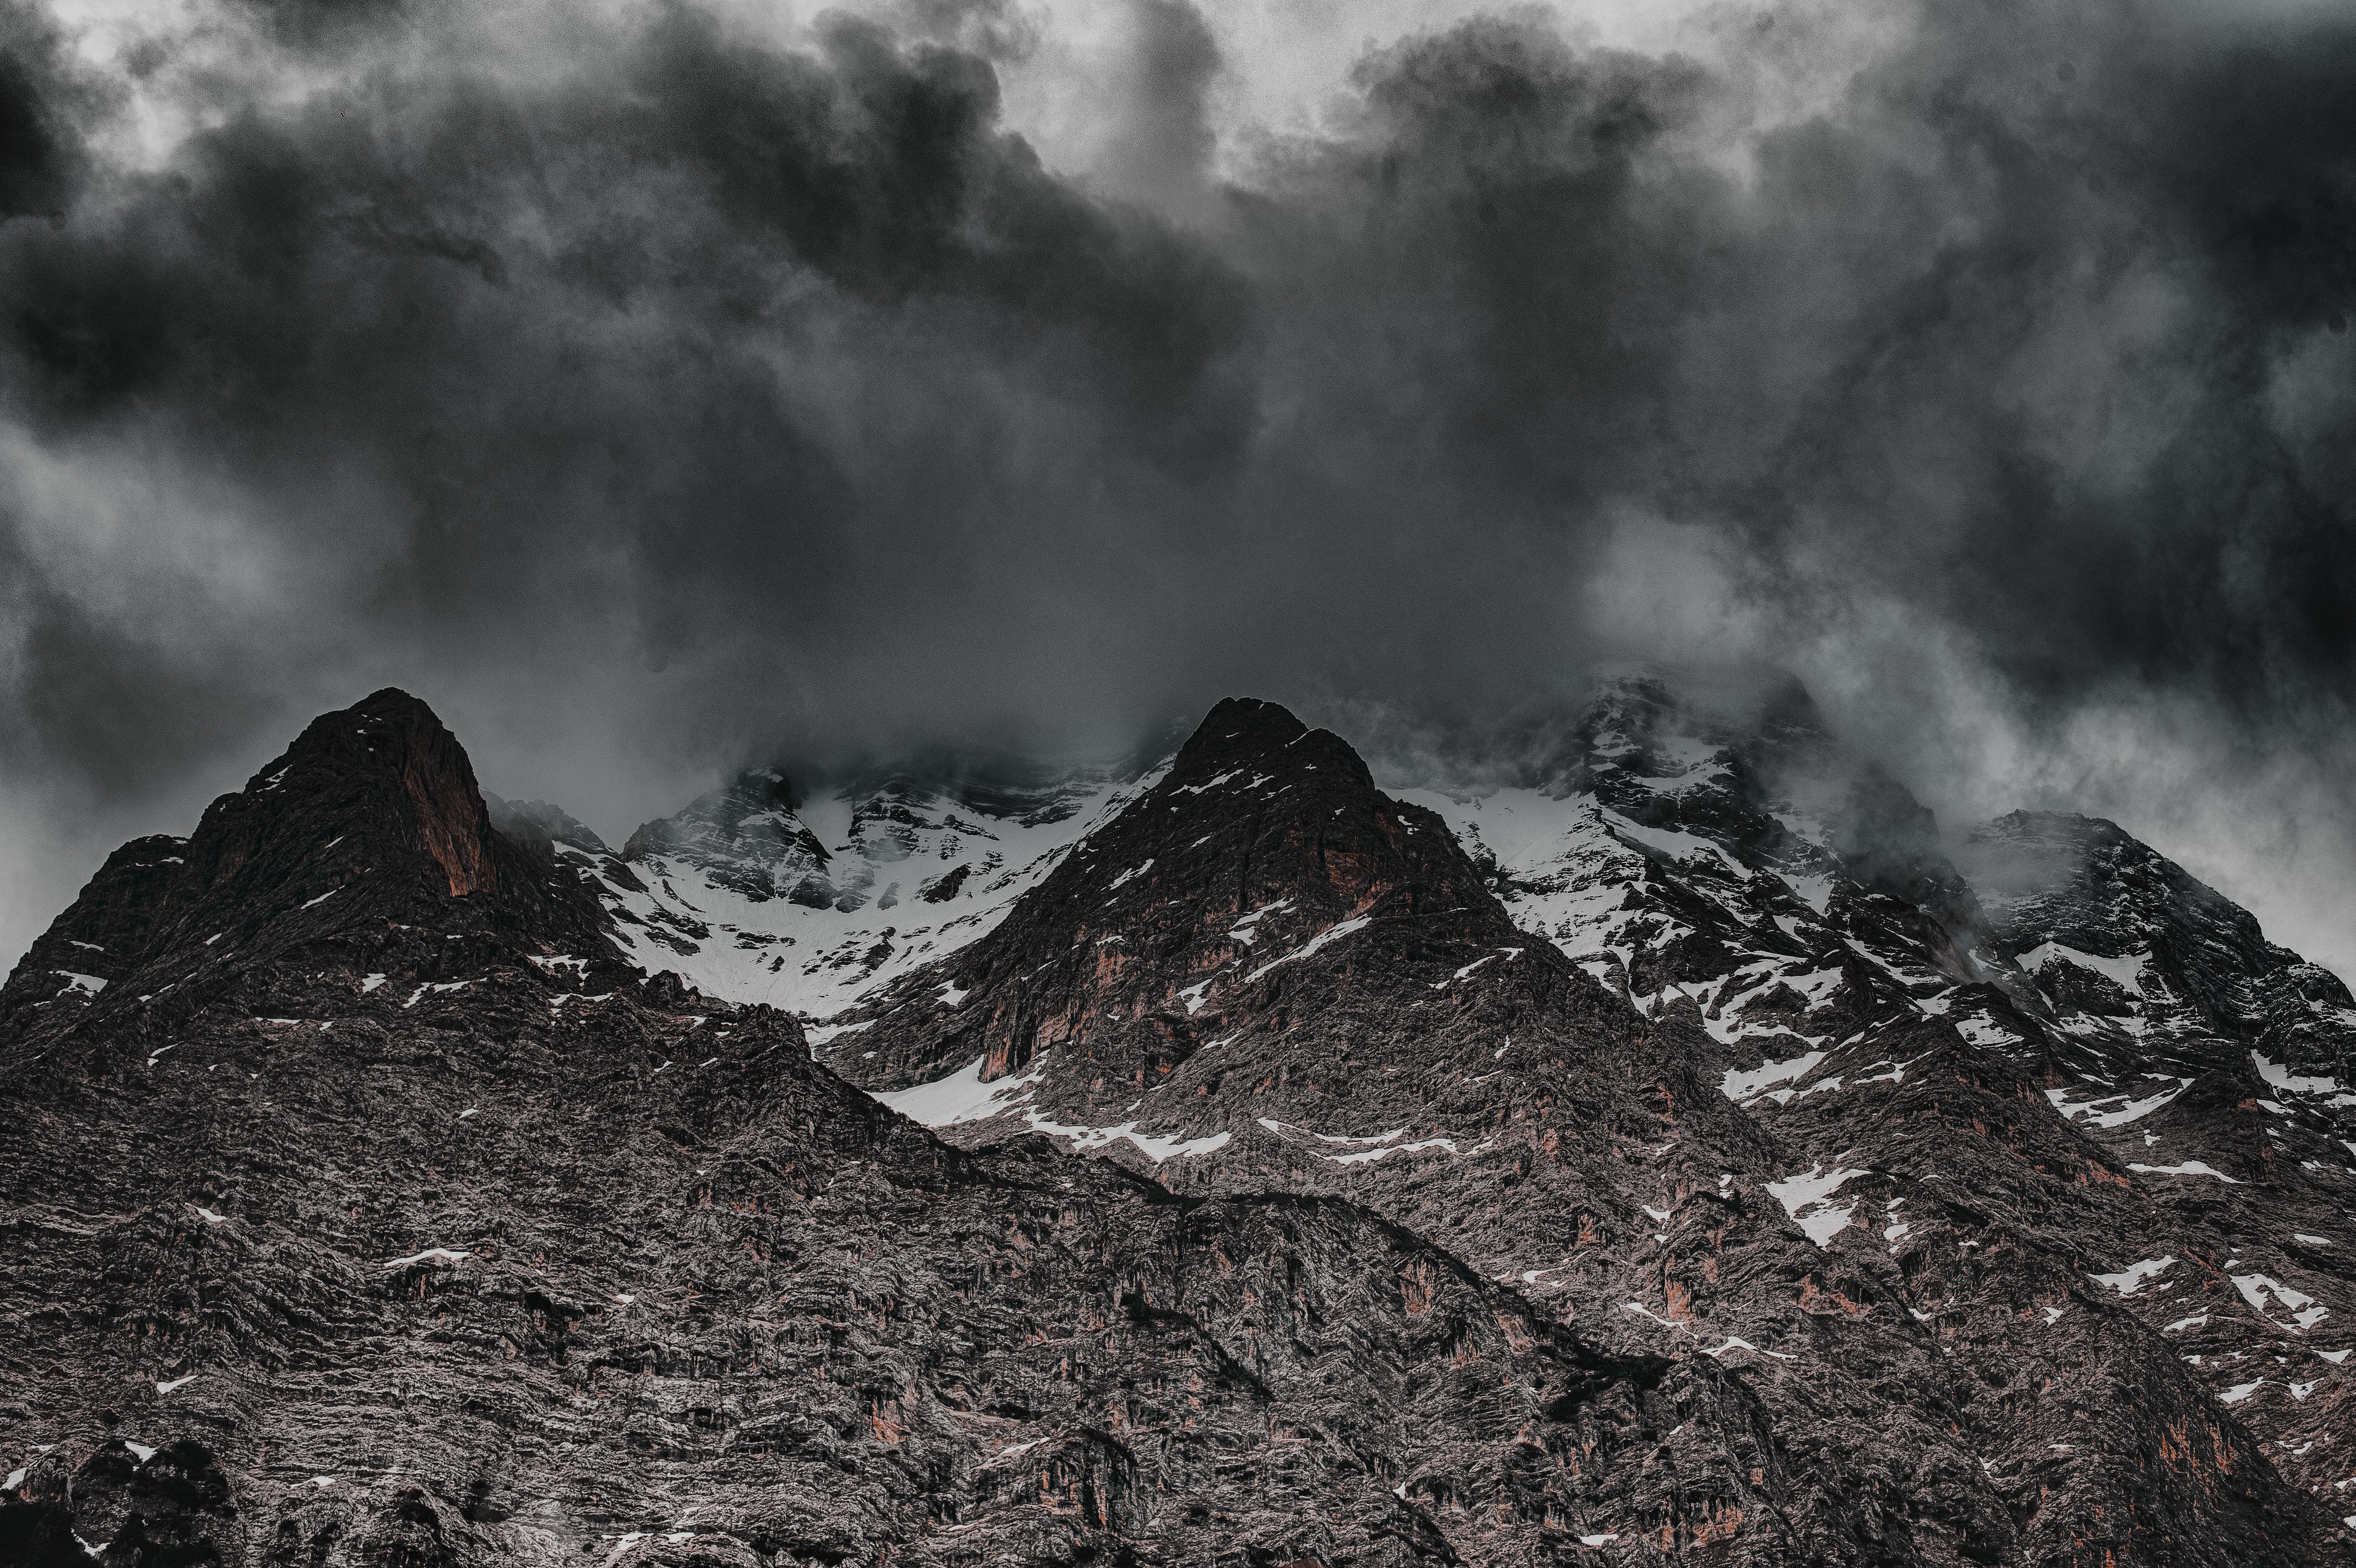 Immagini Belle Avventura Calamità Scalata Nuvole Freddo